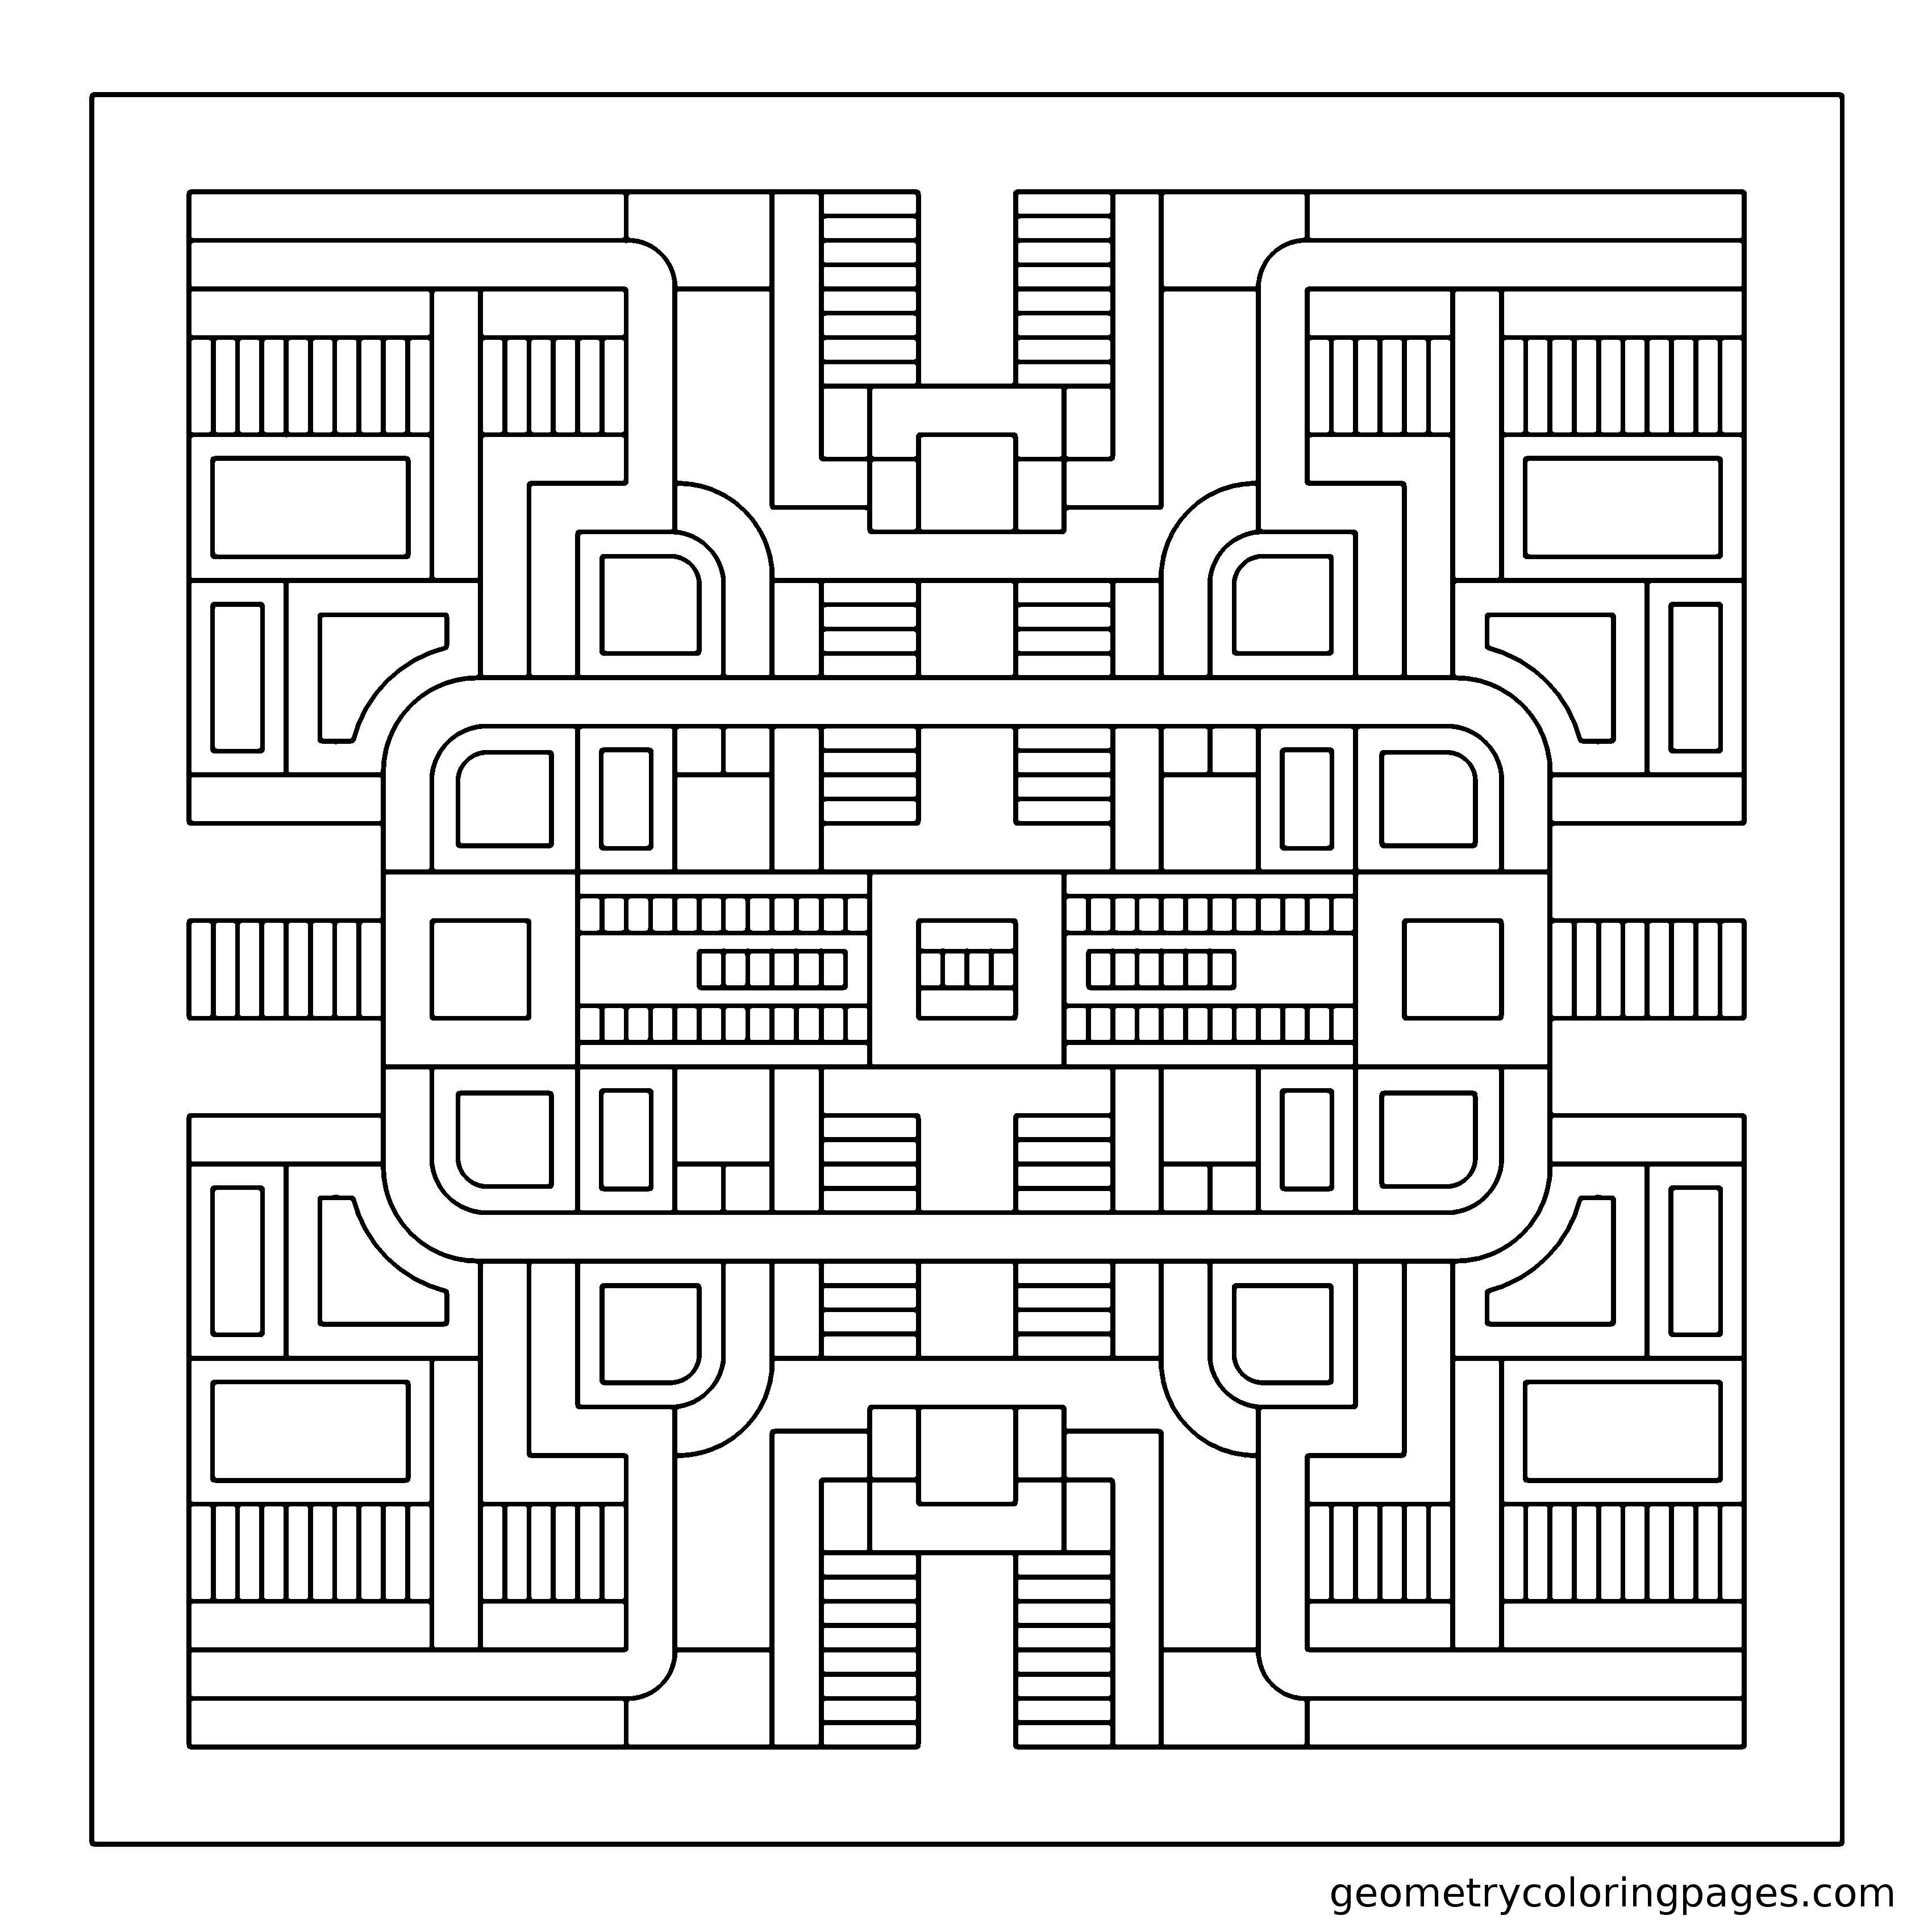 u0026quot circuit u0026quot